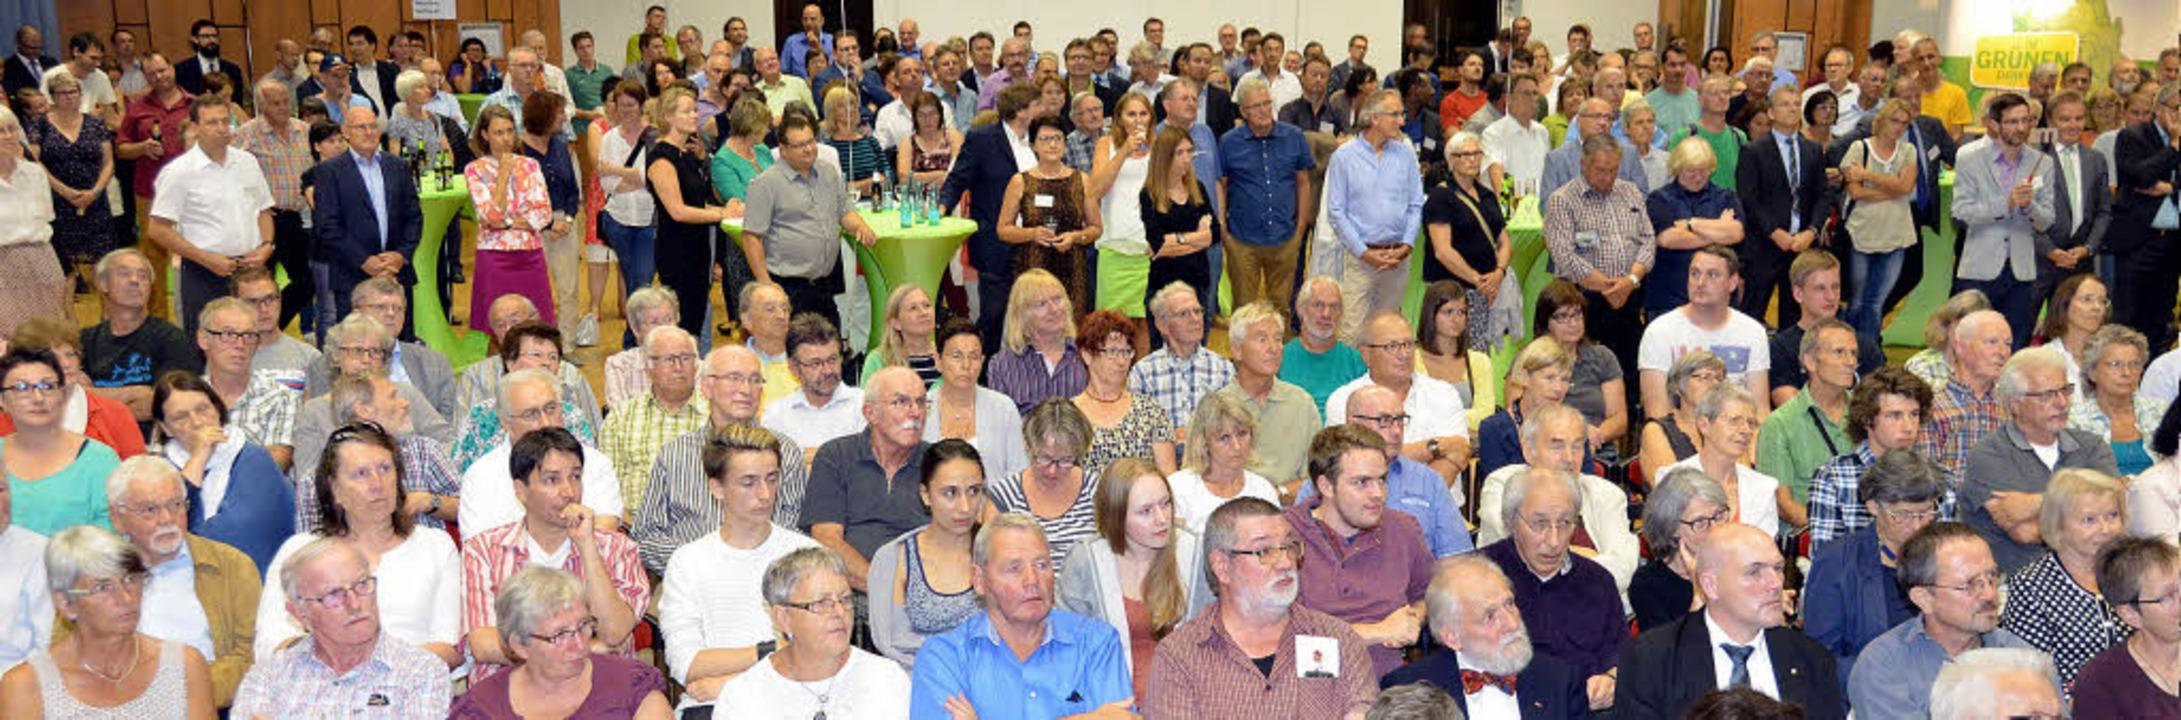 Die Einladung zum Dialog mit der Grüne...e Bürger wahr, der Saal war fast voll     Foto: Peter Stellmach/Sarah Beha